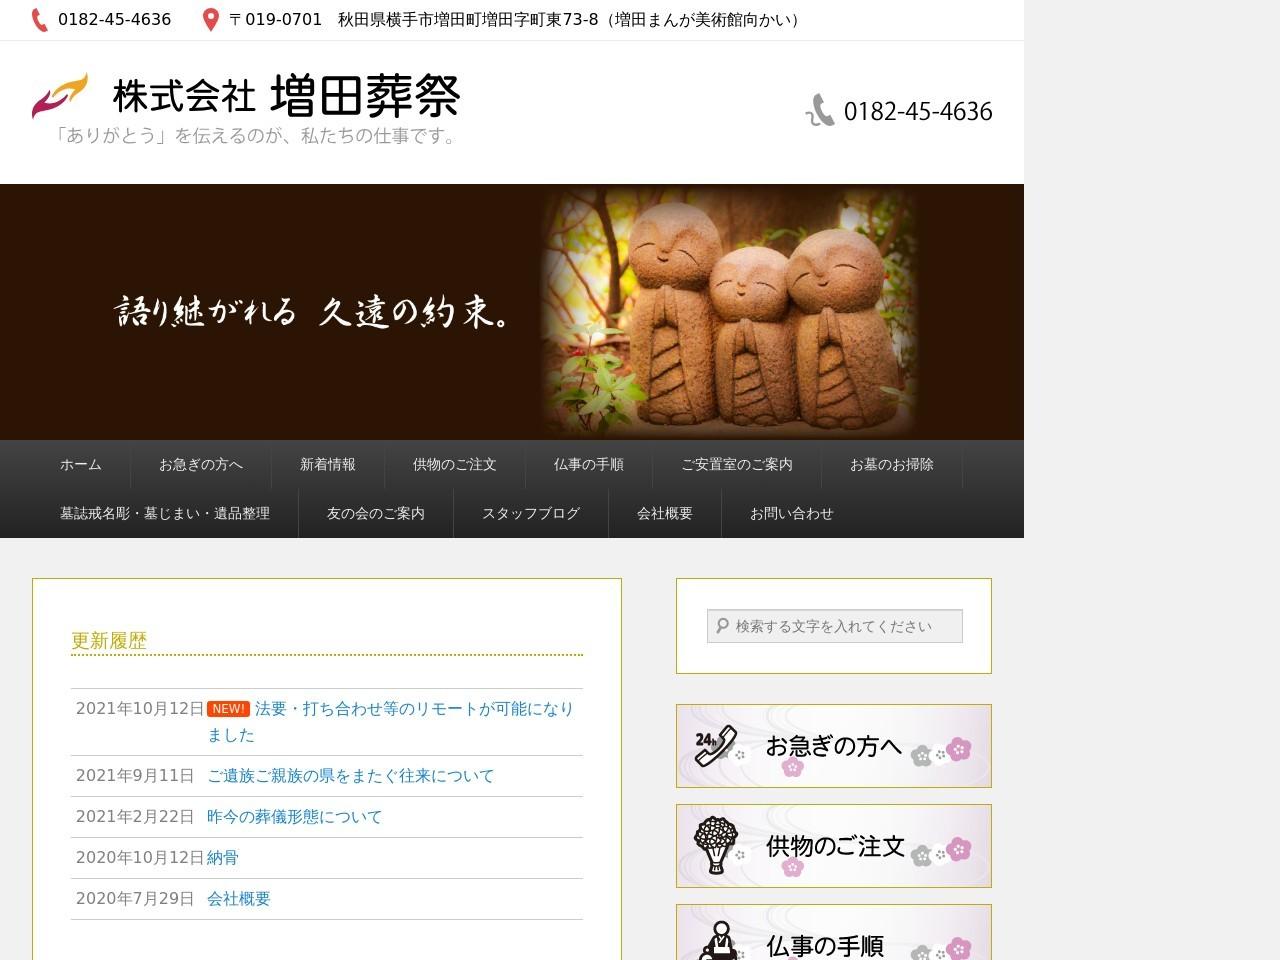 株式会社増田葬祭